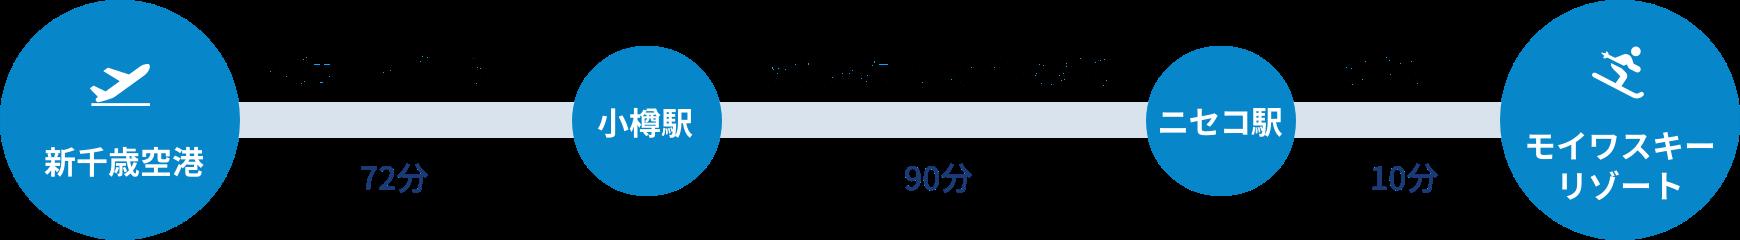 新千歳空港から快速エアポート号で72分、小樽駅から函館本線(長万部-小樽)90分、ニセコ駅からタクシーで10分